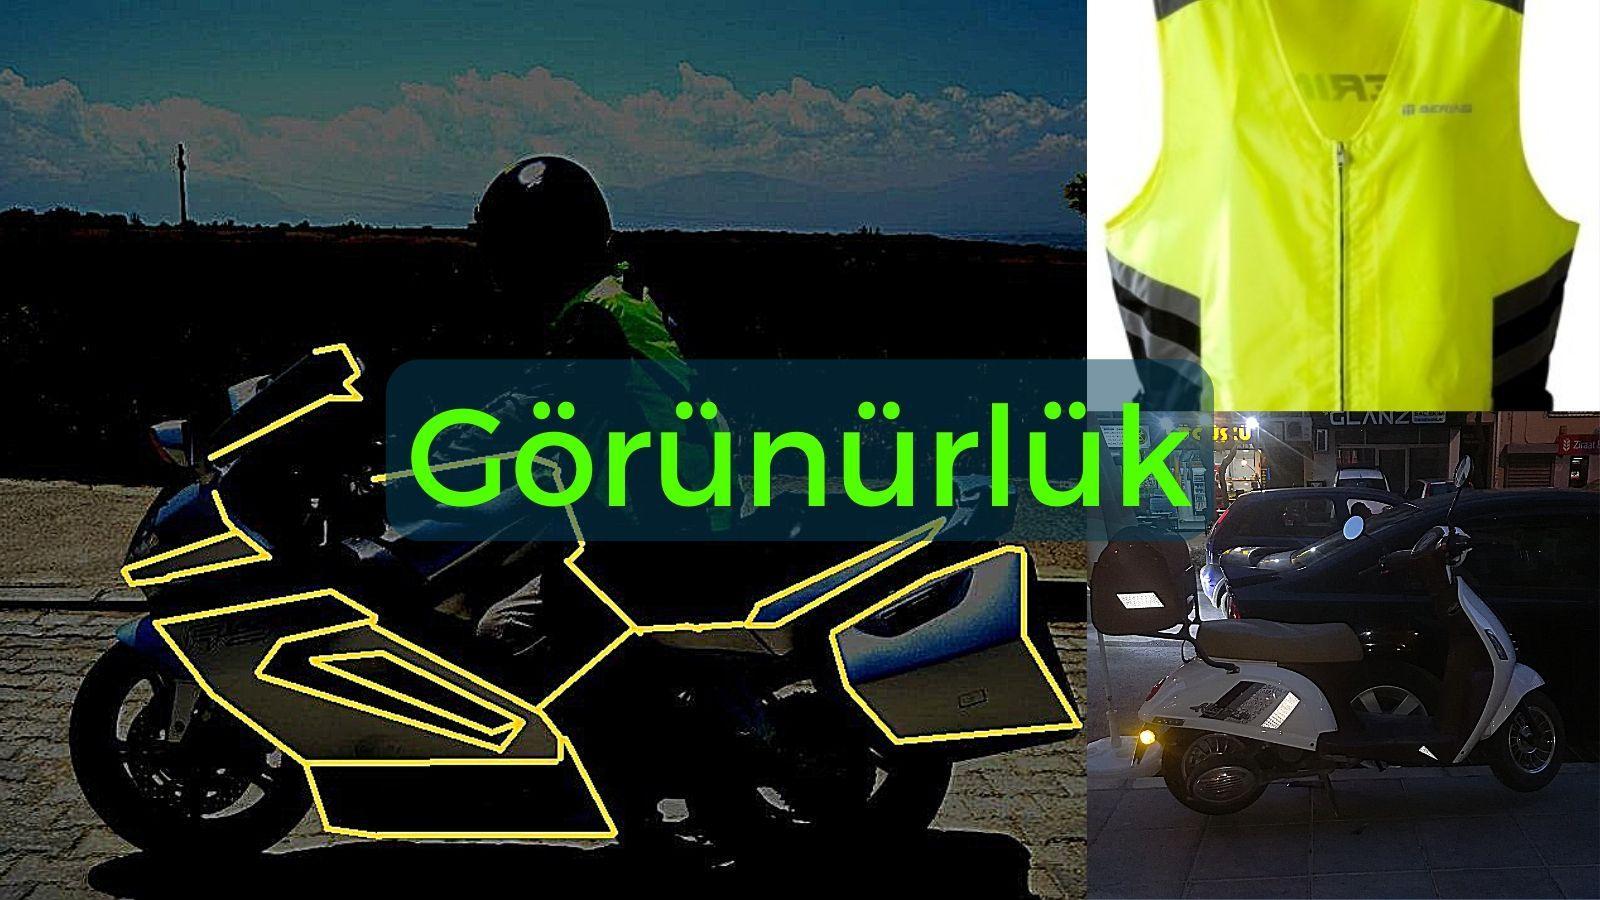 Yaralamalı kaza yapan motosiklet sürücülerinin ortak noktaları araştırması